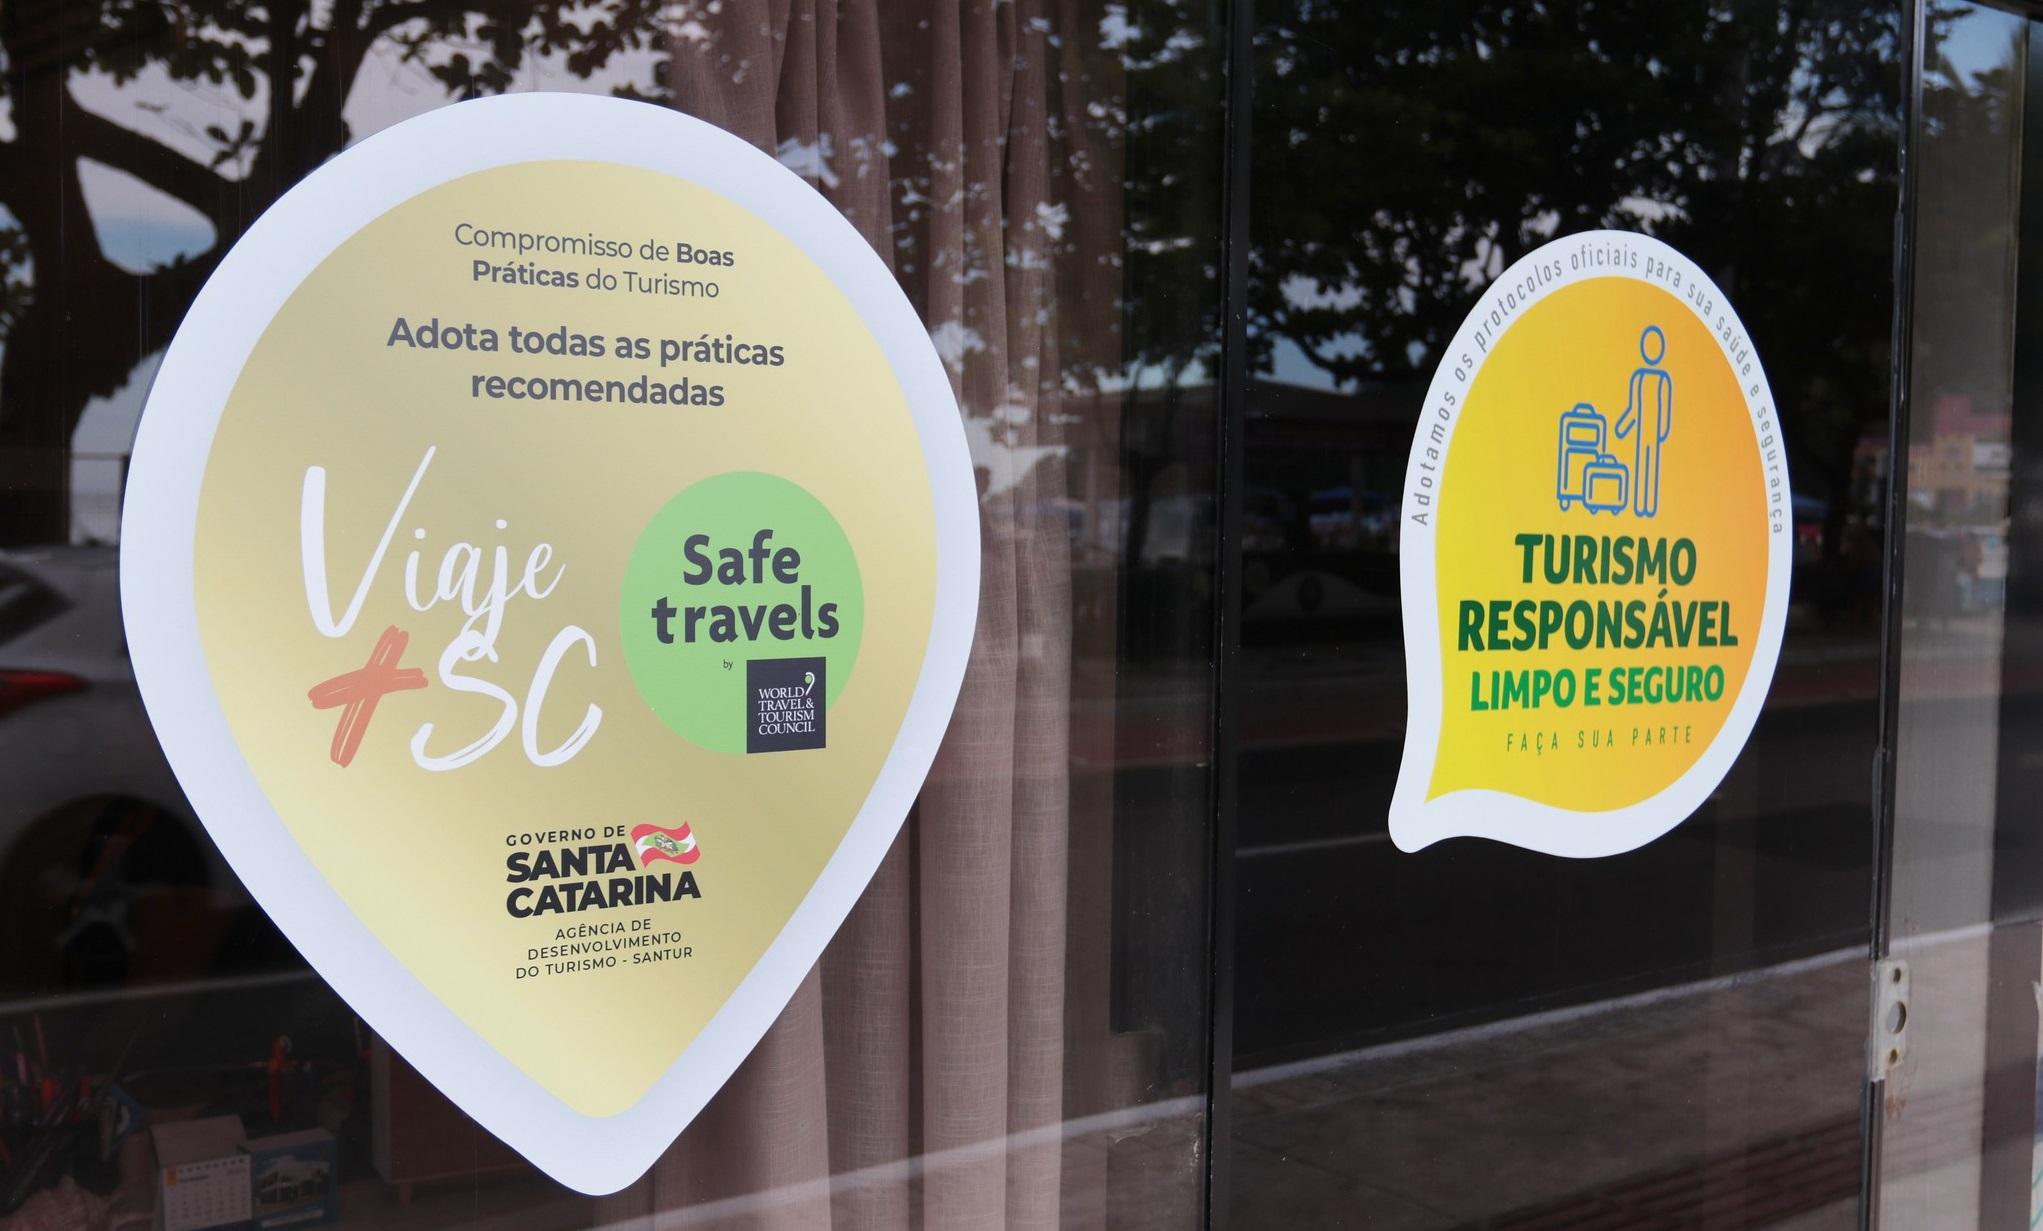 Santur reforça importância do selo Viaje+Seguro diante de feriadões antecipados